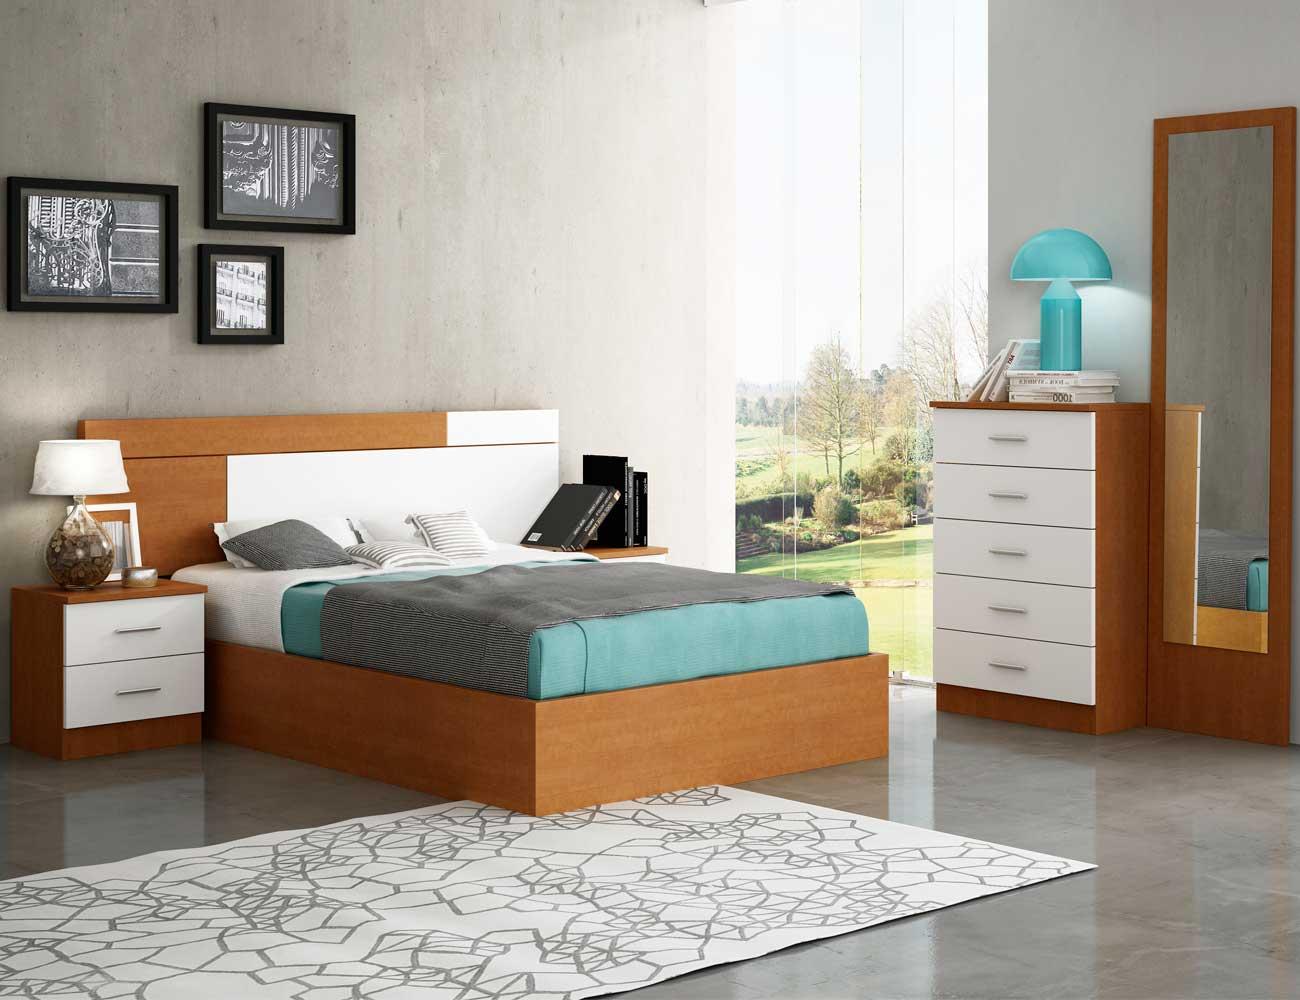 Dormitorio matrimonio estilo moderno turia nogal blanco